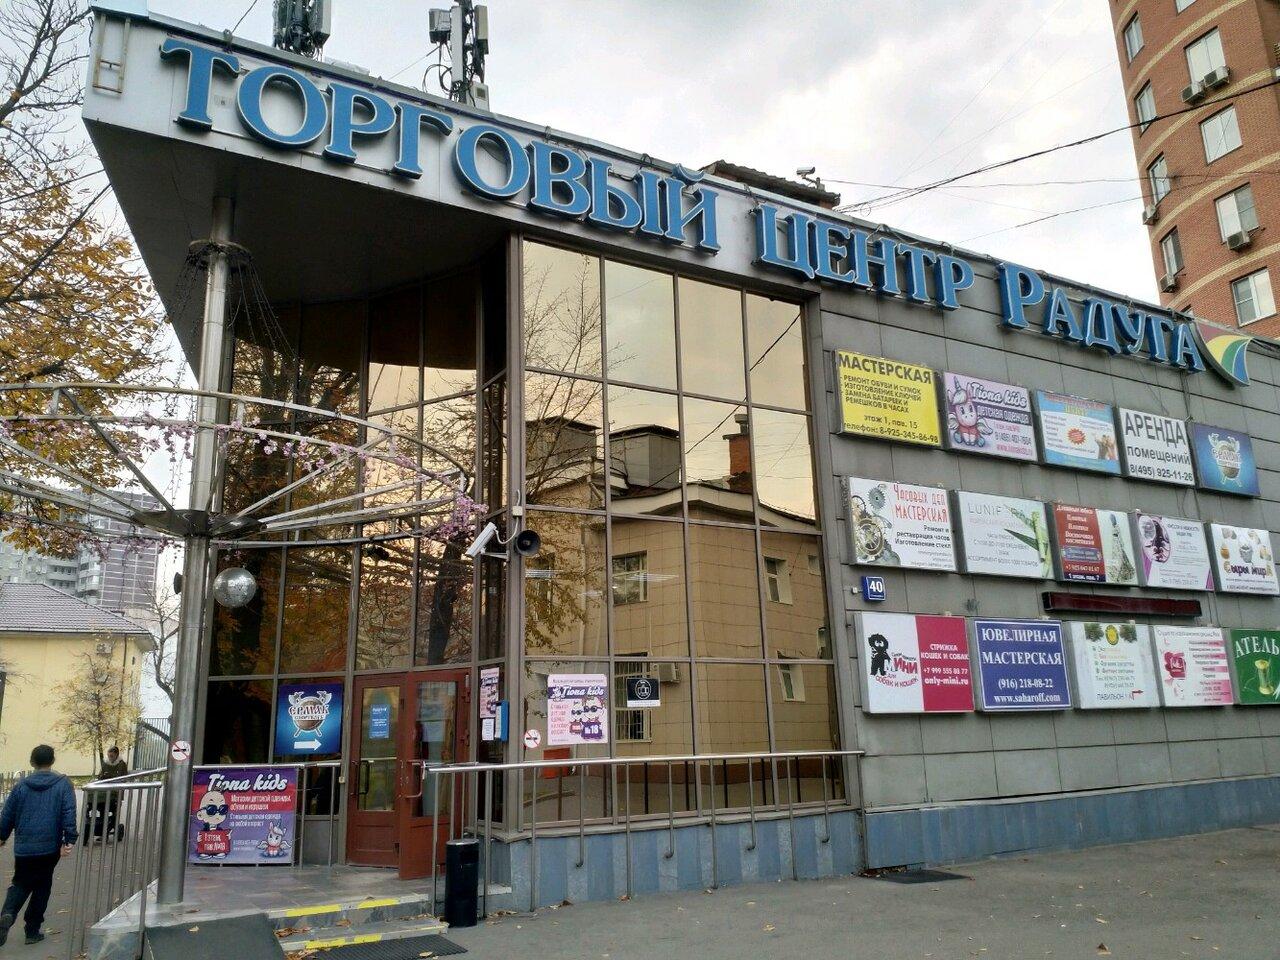 Парк авеню диско ночной клуб москва москва клуб и 52